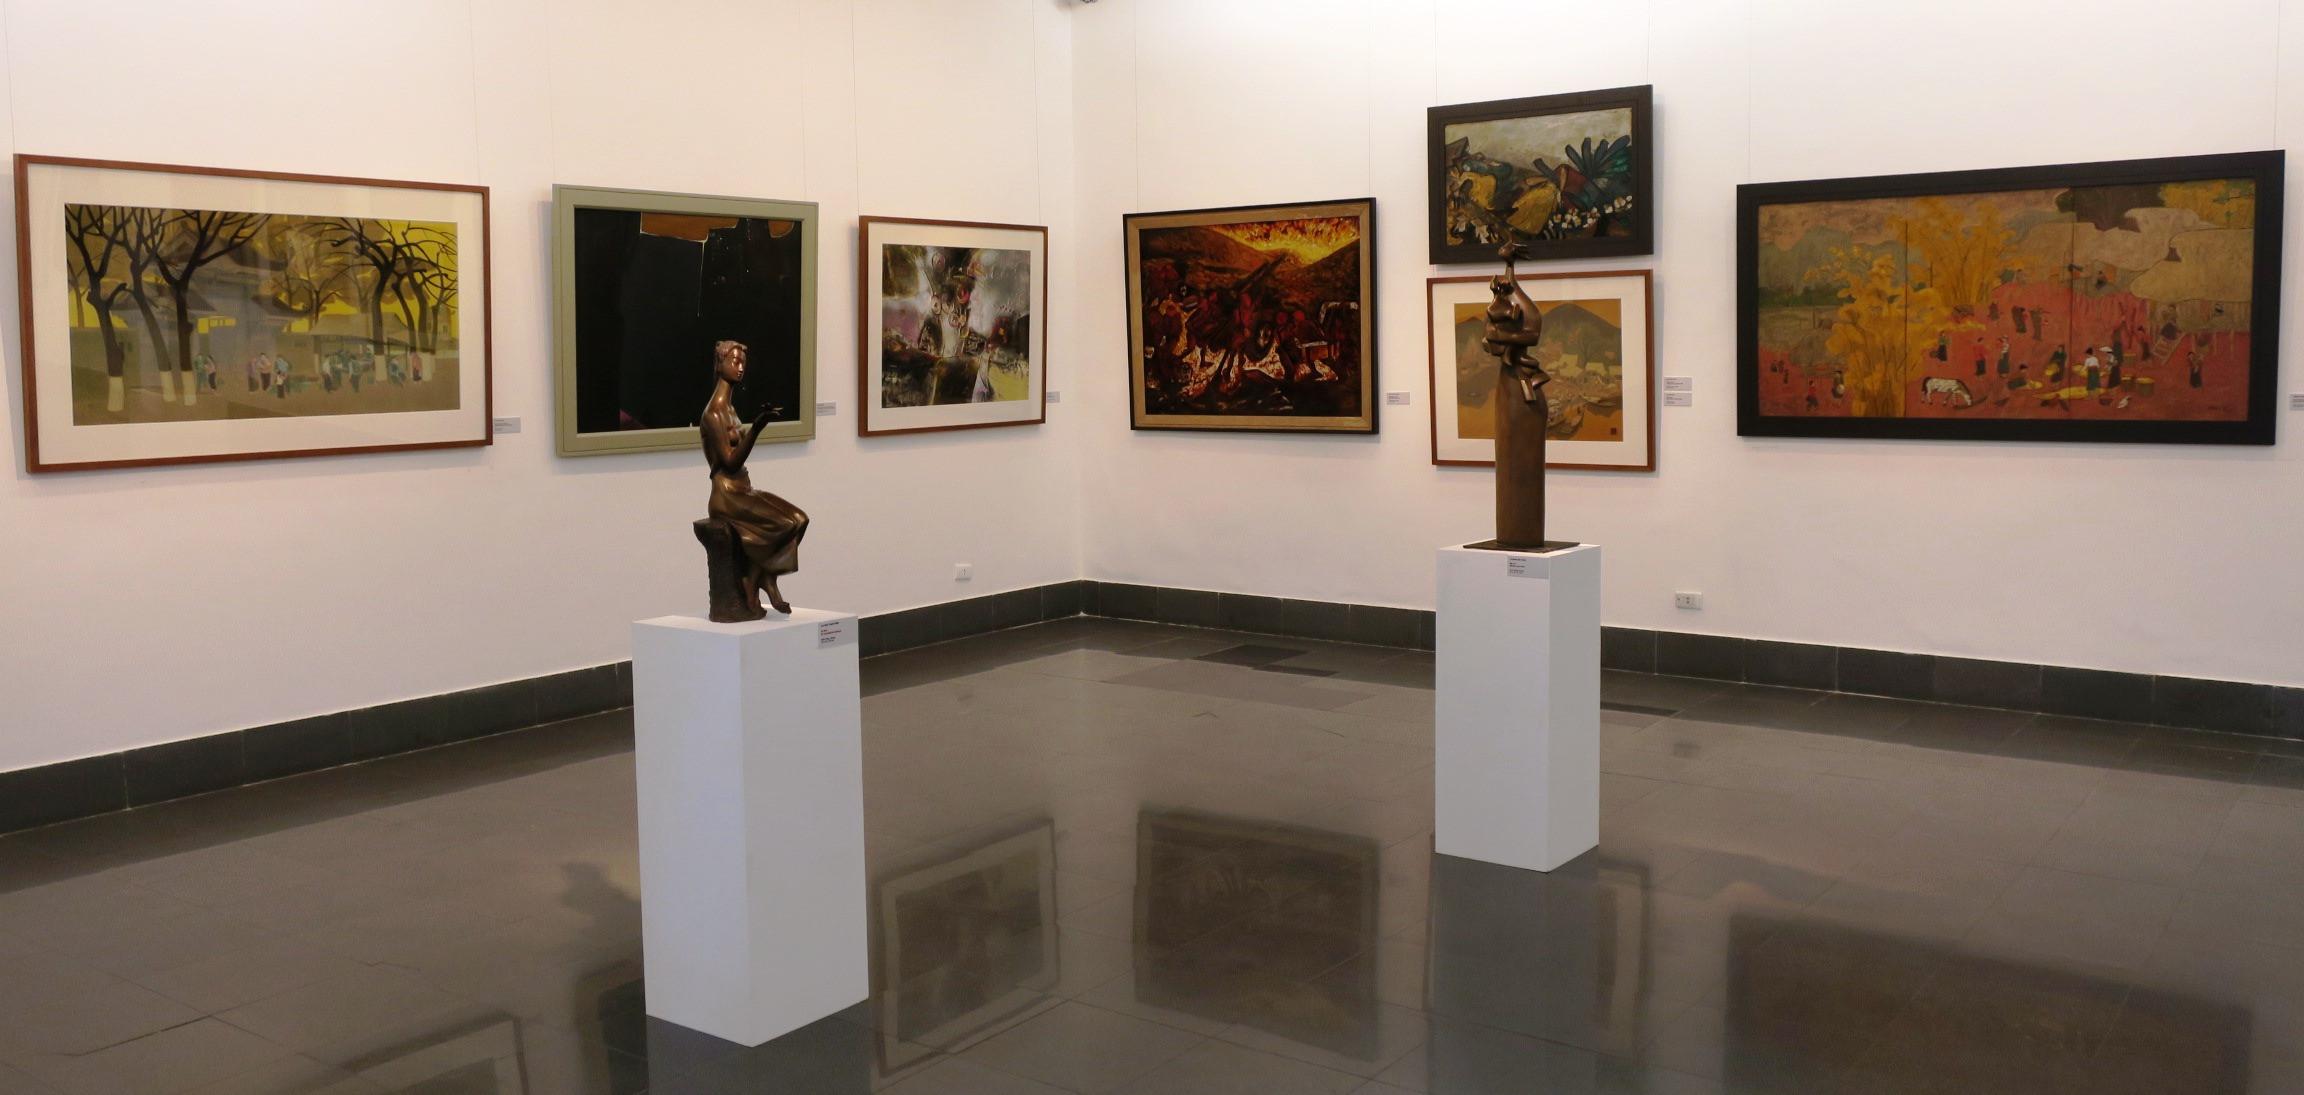 Không gian trưng bày tượng đồng, tượng đá, tượng gỗ được tạo tác công phu...Hình: Sưu tầm